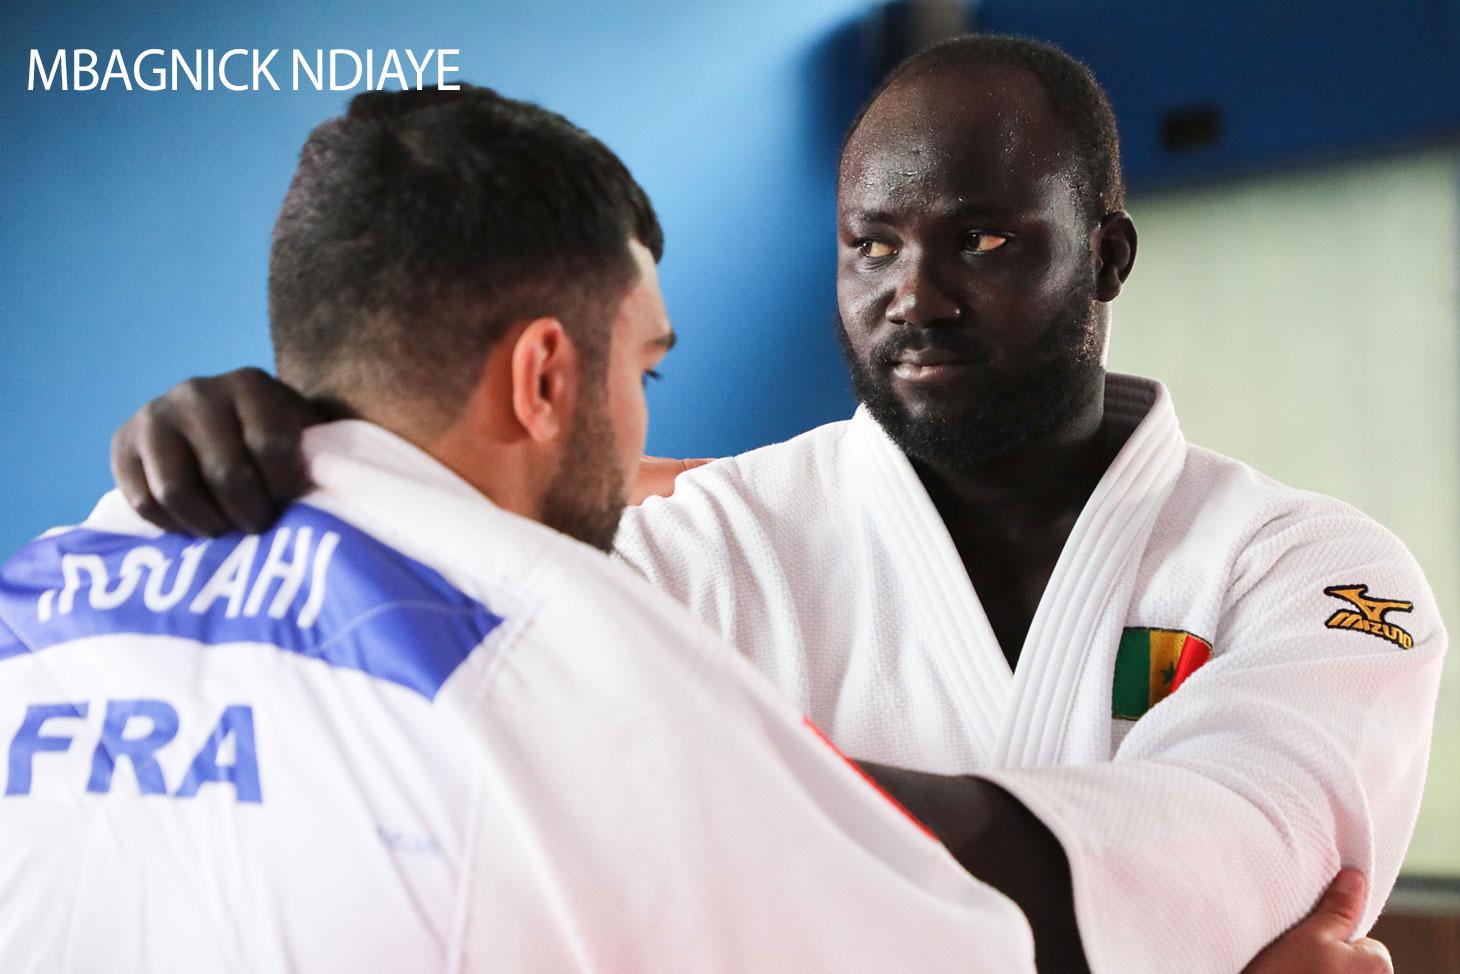 Mbagnick Ndiaye, étudiant sportif de haut niveau de l'UGA